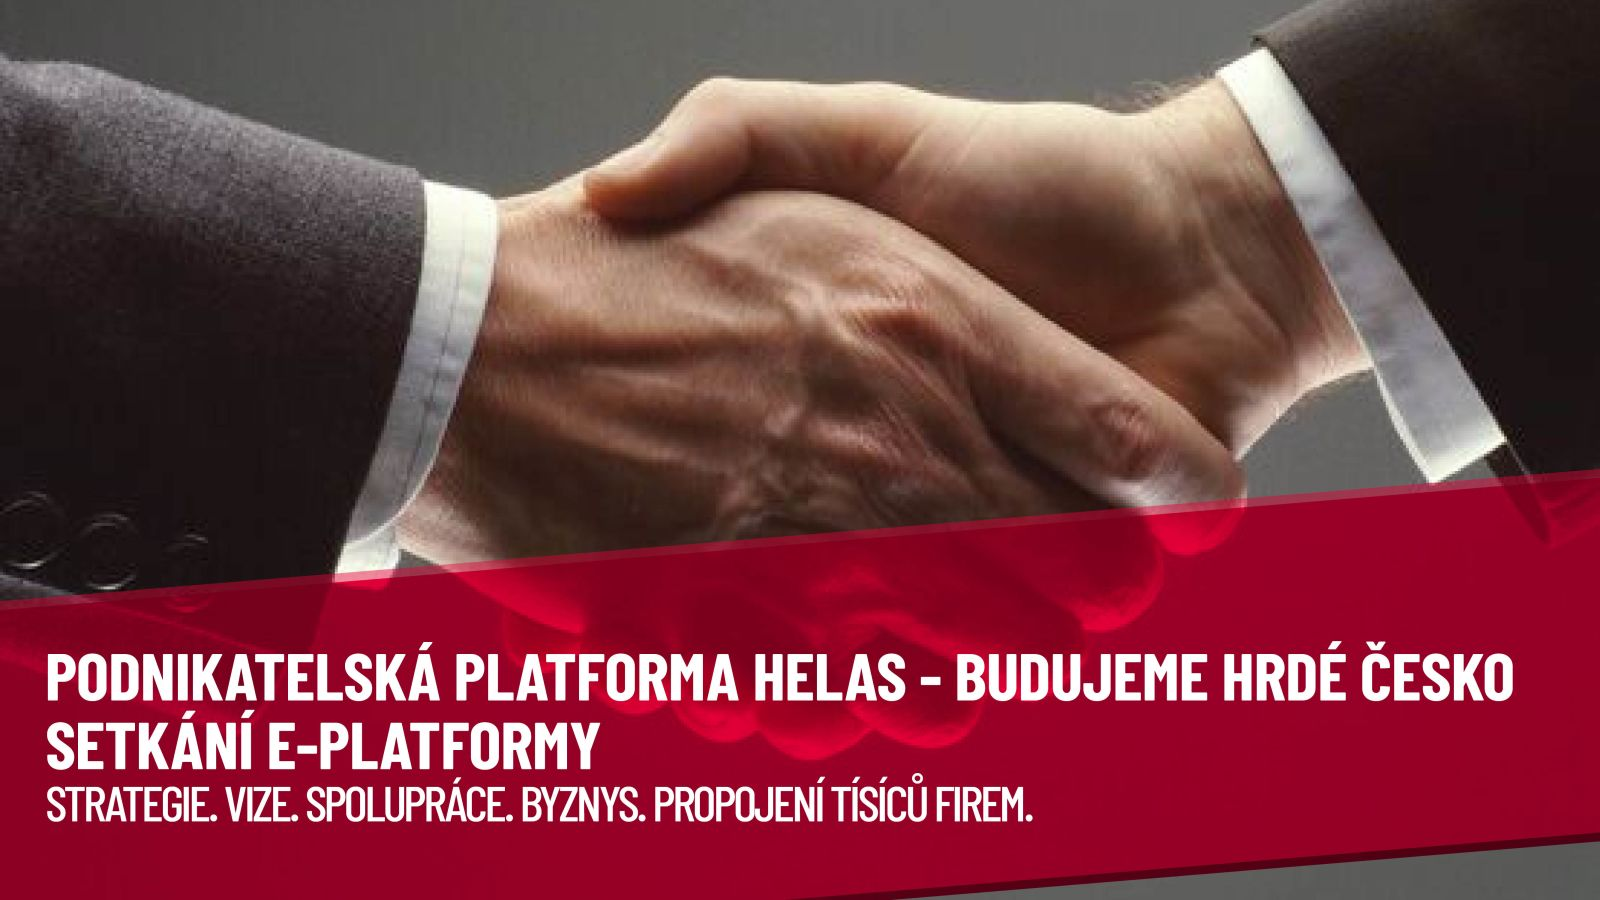 Podnikatelská platforma Helas – BUDUJEME HRDÉ ČESKO se rozrůstá